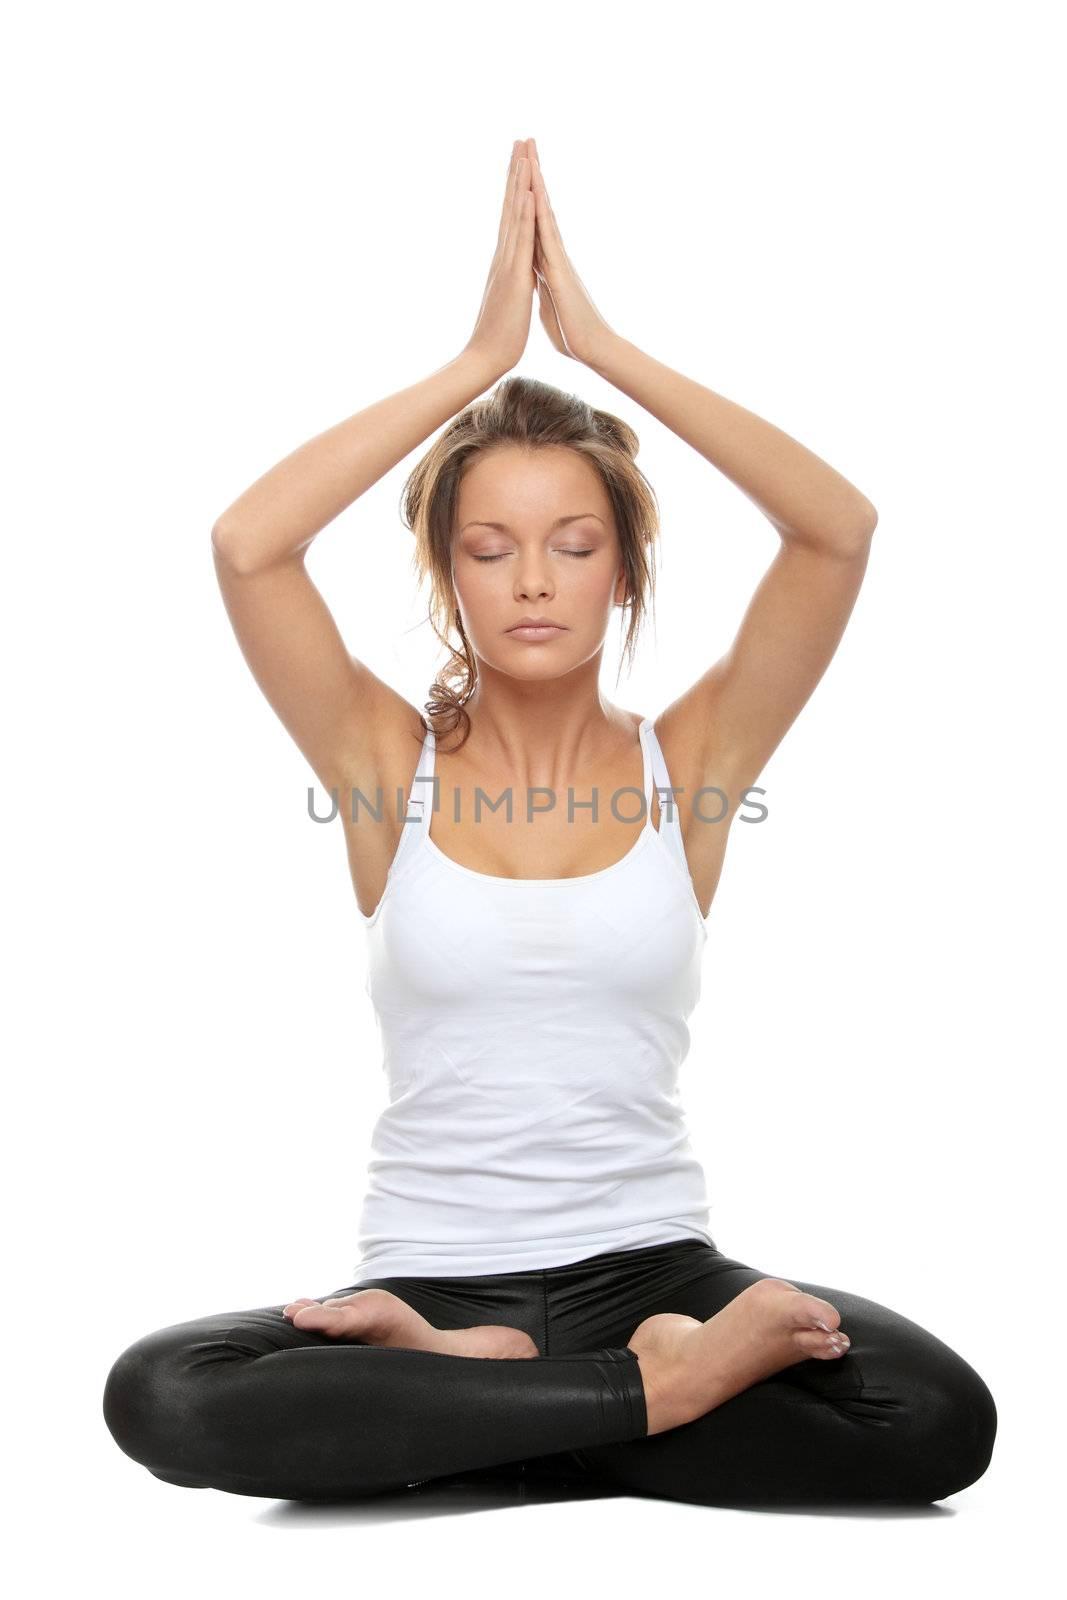 Woman doing yoga pose - Easy Pose, sanskrit name: Sukhasana isolated on white background